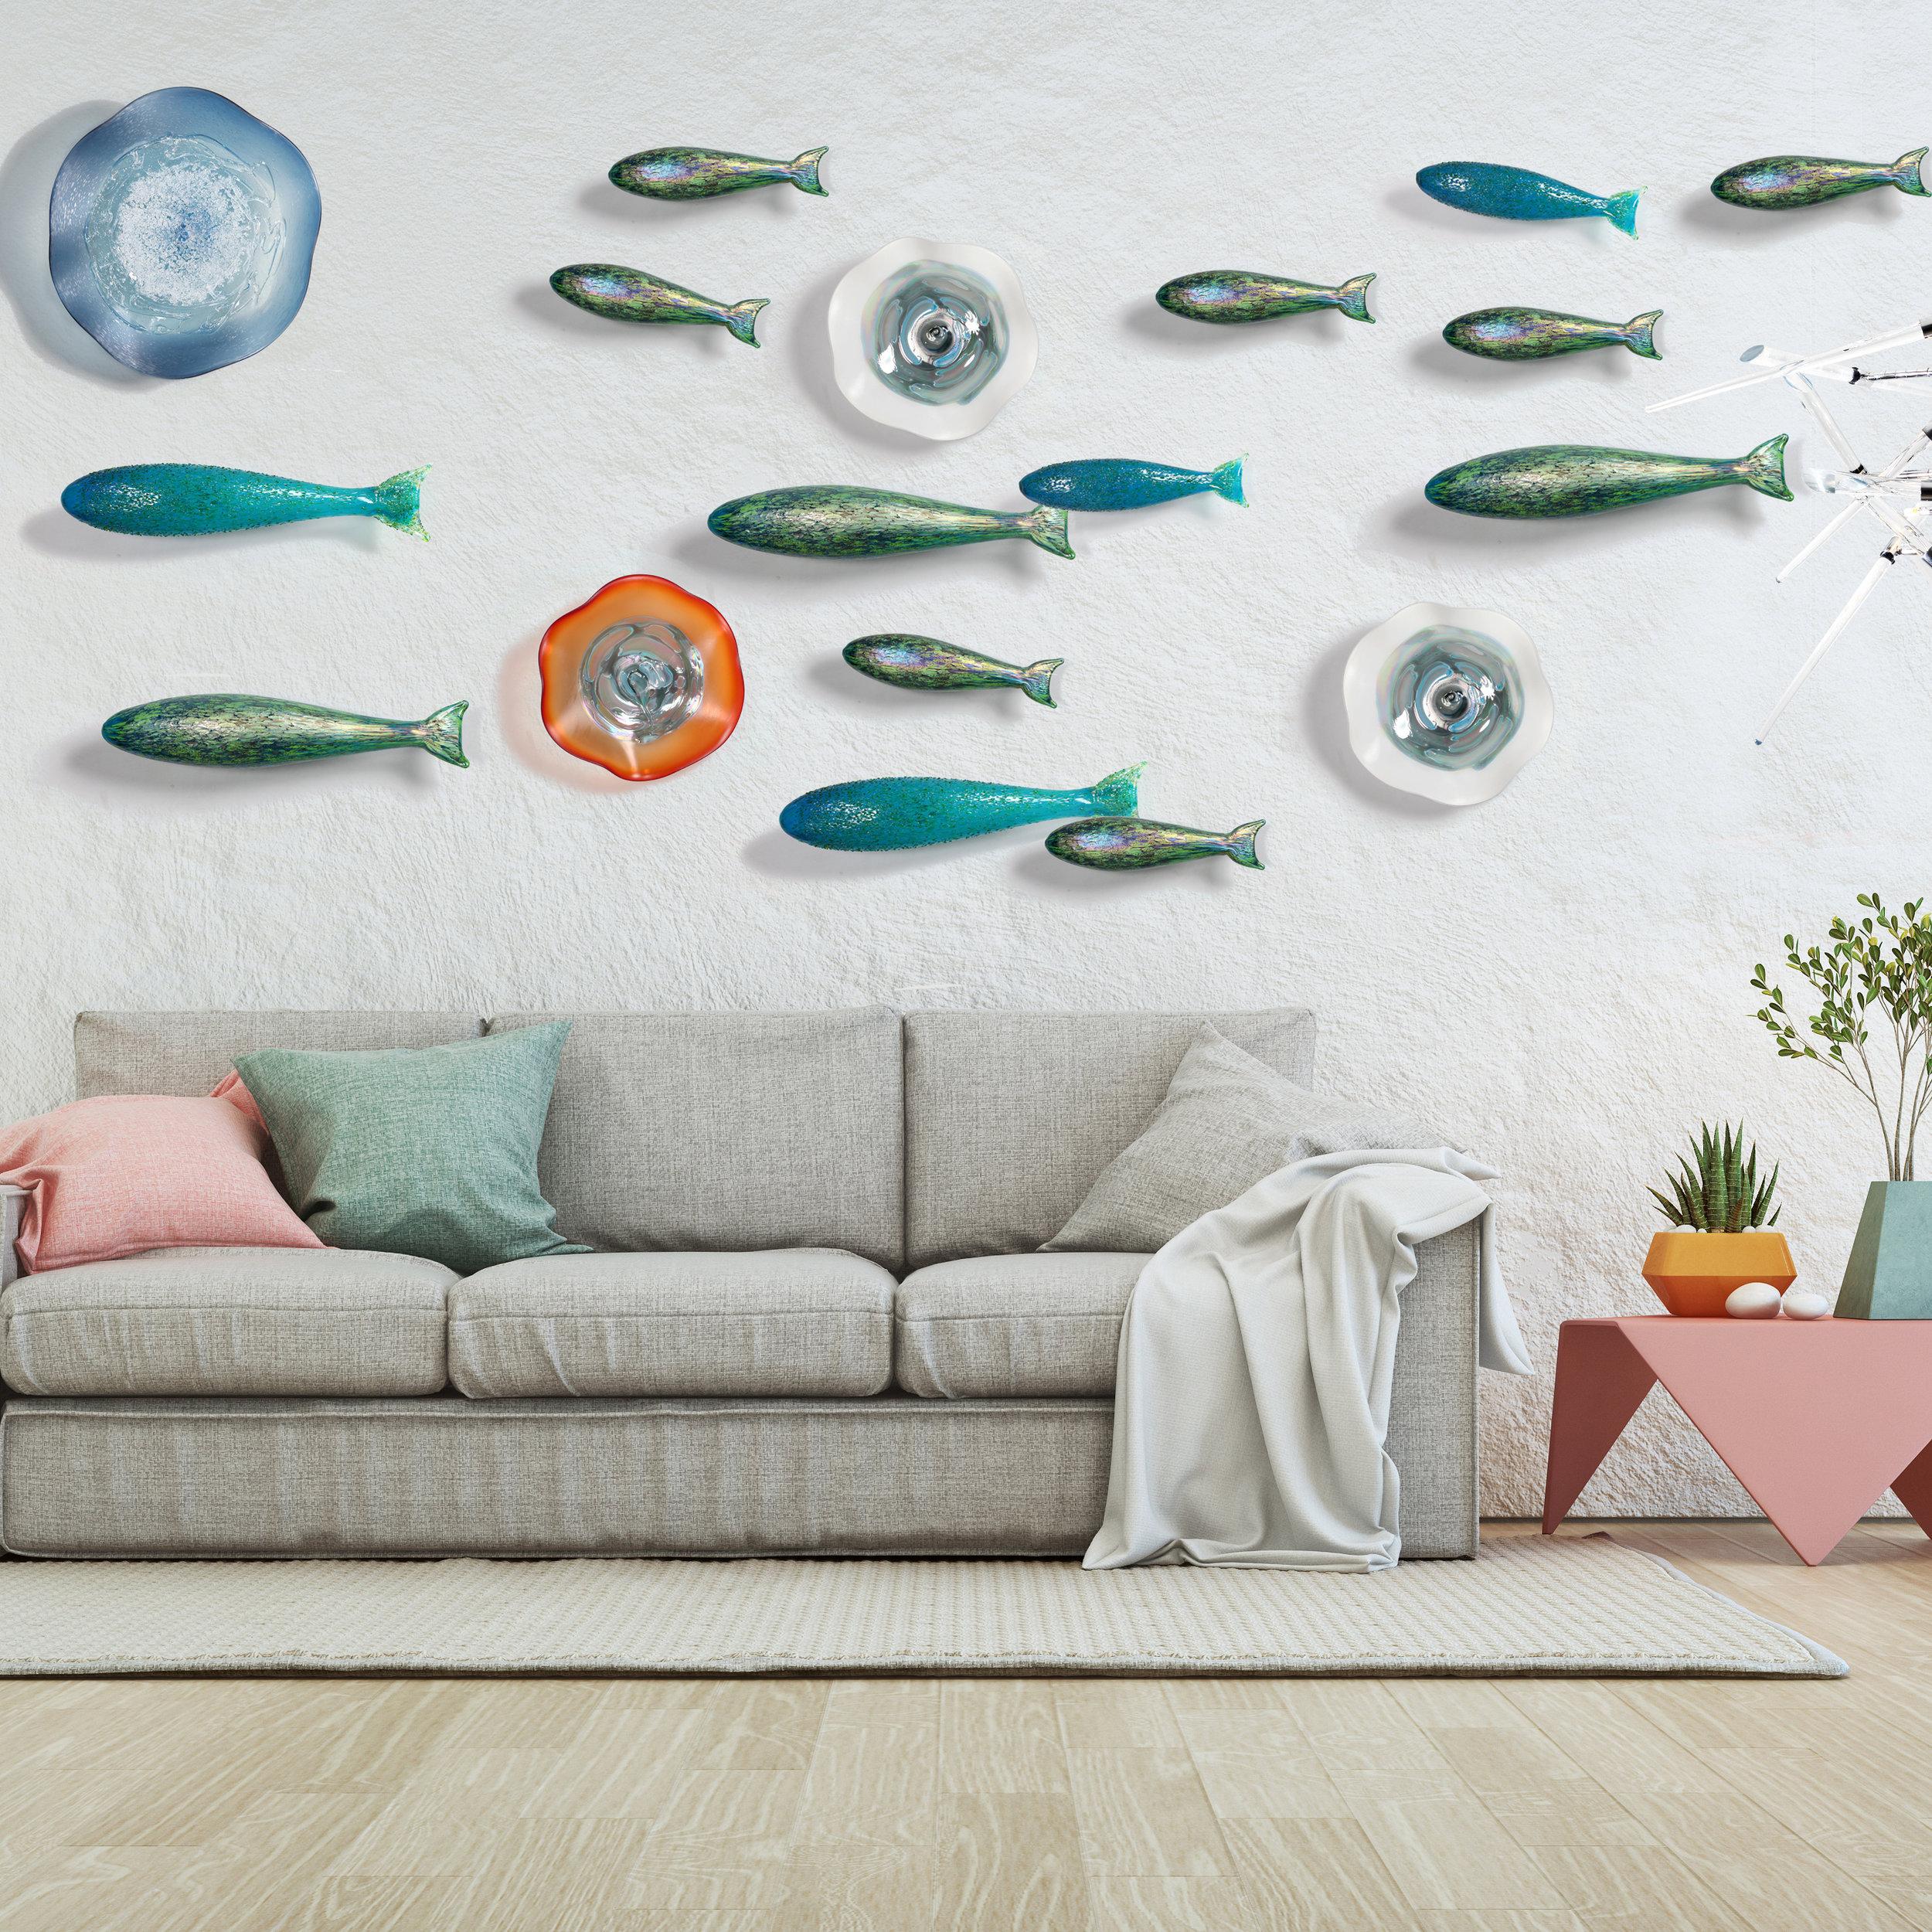 Axion fish wall art lifestyle.jpg